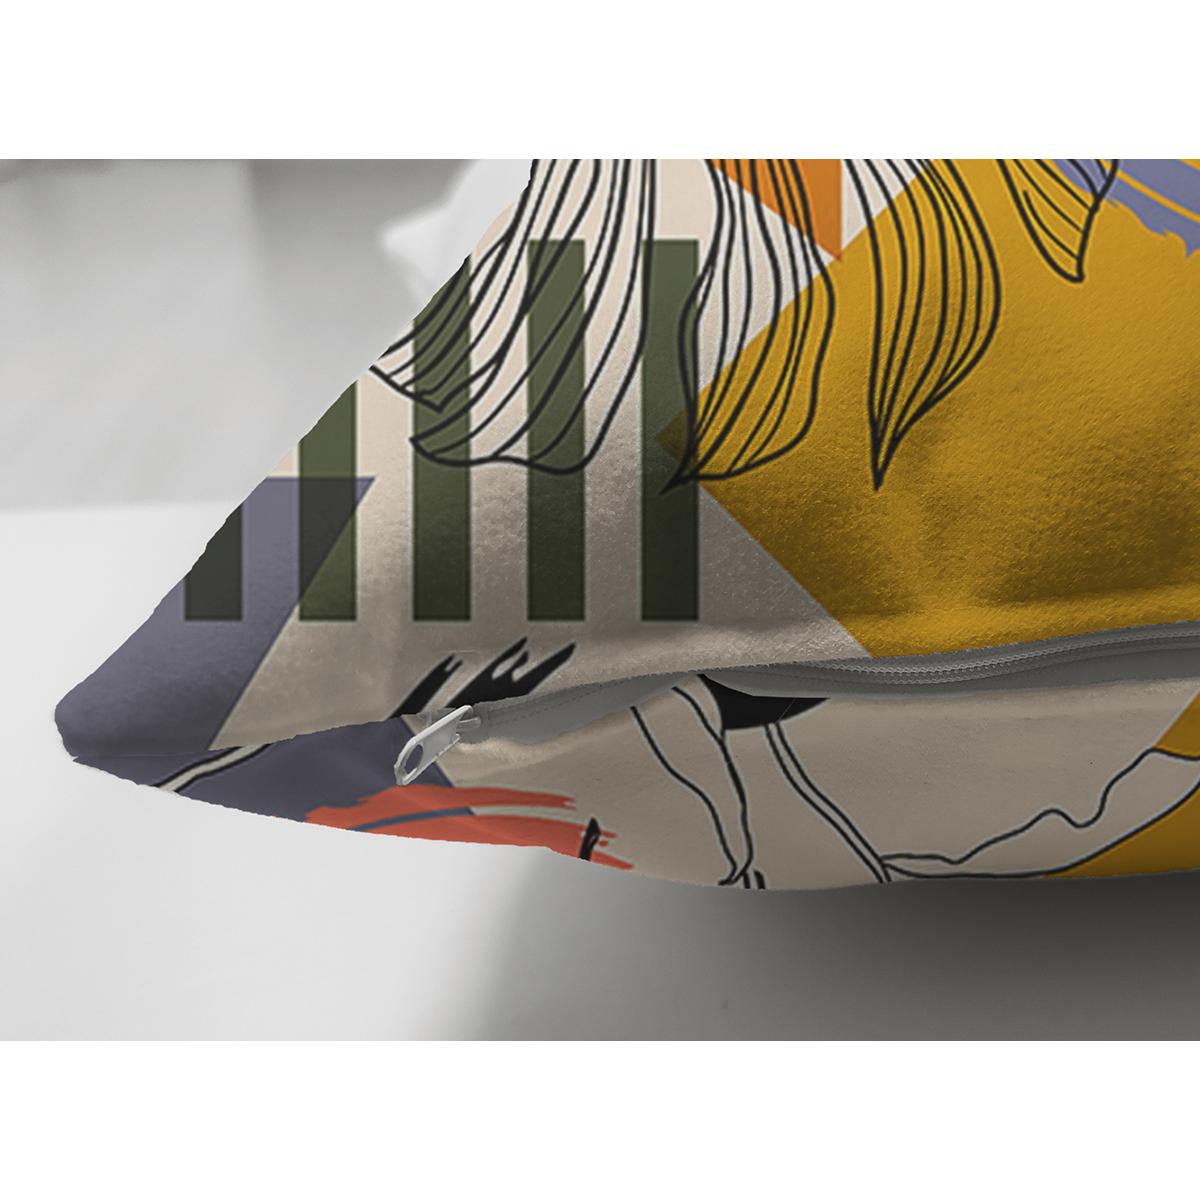 Çift Taraflı Pastel Zemin Üzerinde Renkli Puantiye Desenli Dijital Baskılı Modern Süet Yastık Kılıfı Realhomes